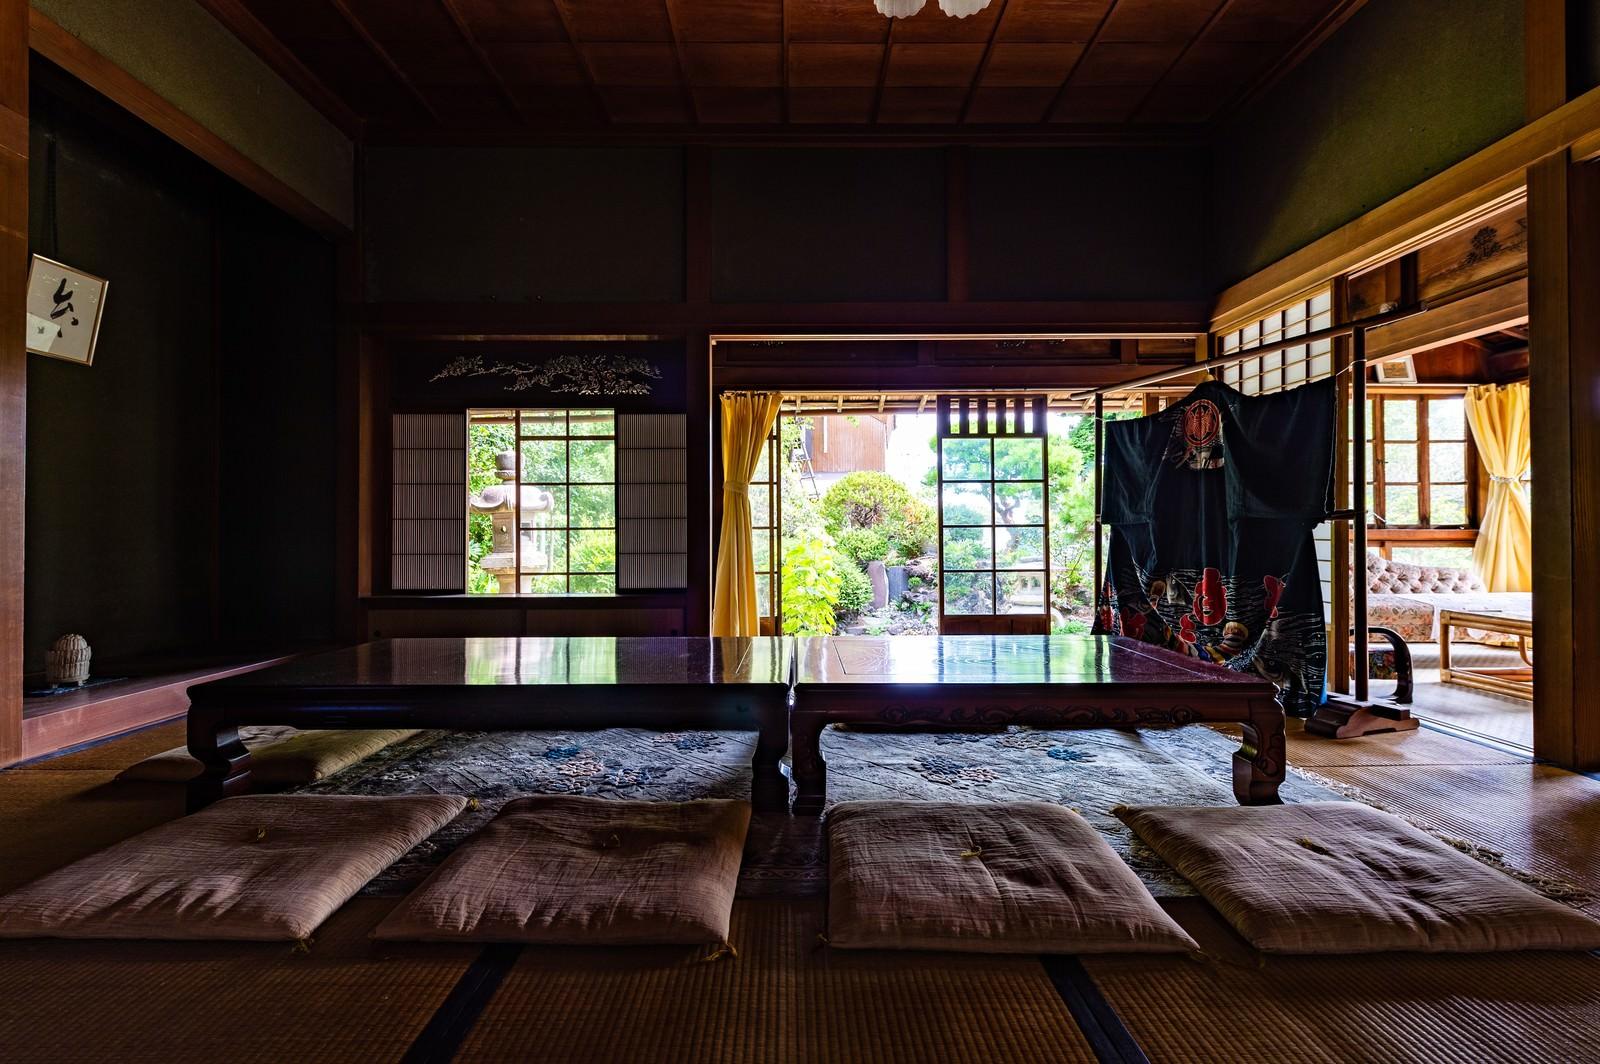 「旧寿屋本家の座敷に並ぶ座布団(千葉県一宮町)」の写真